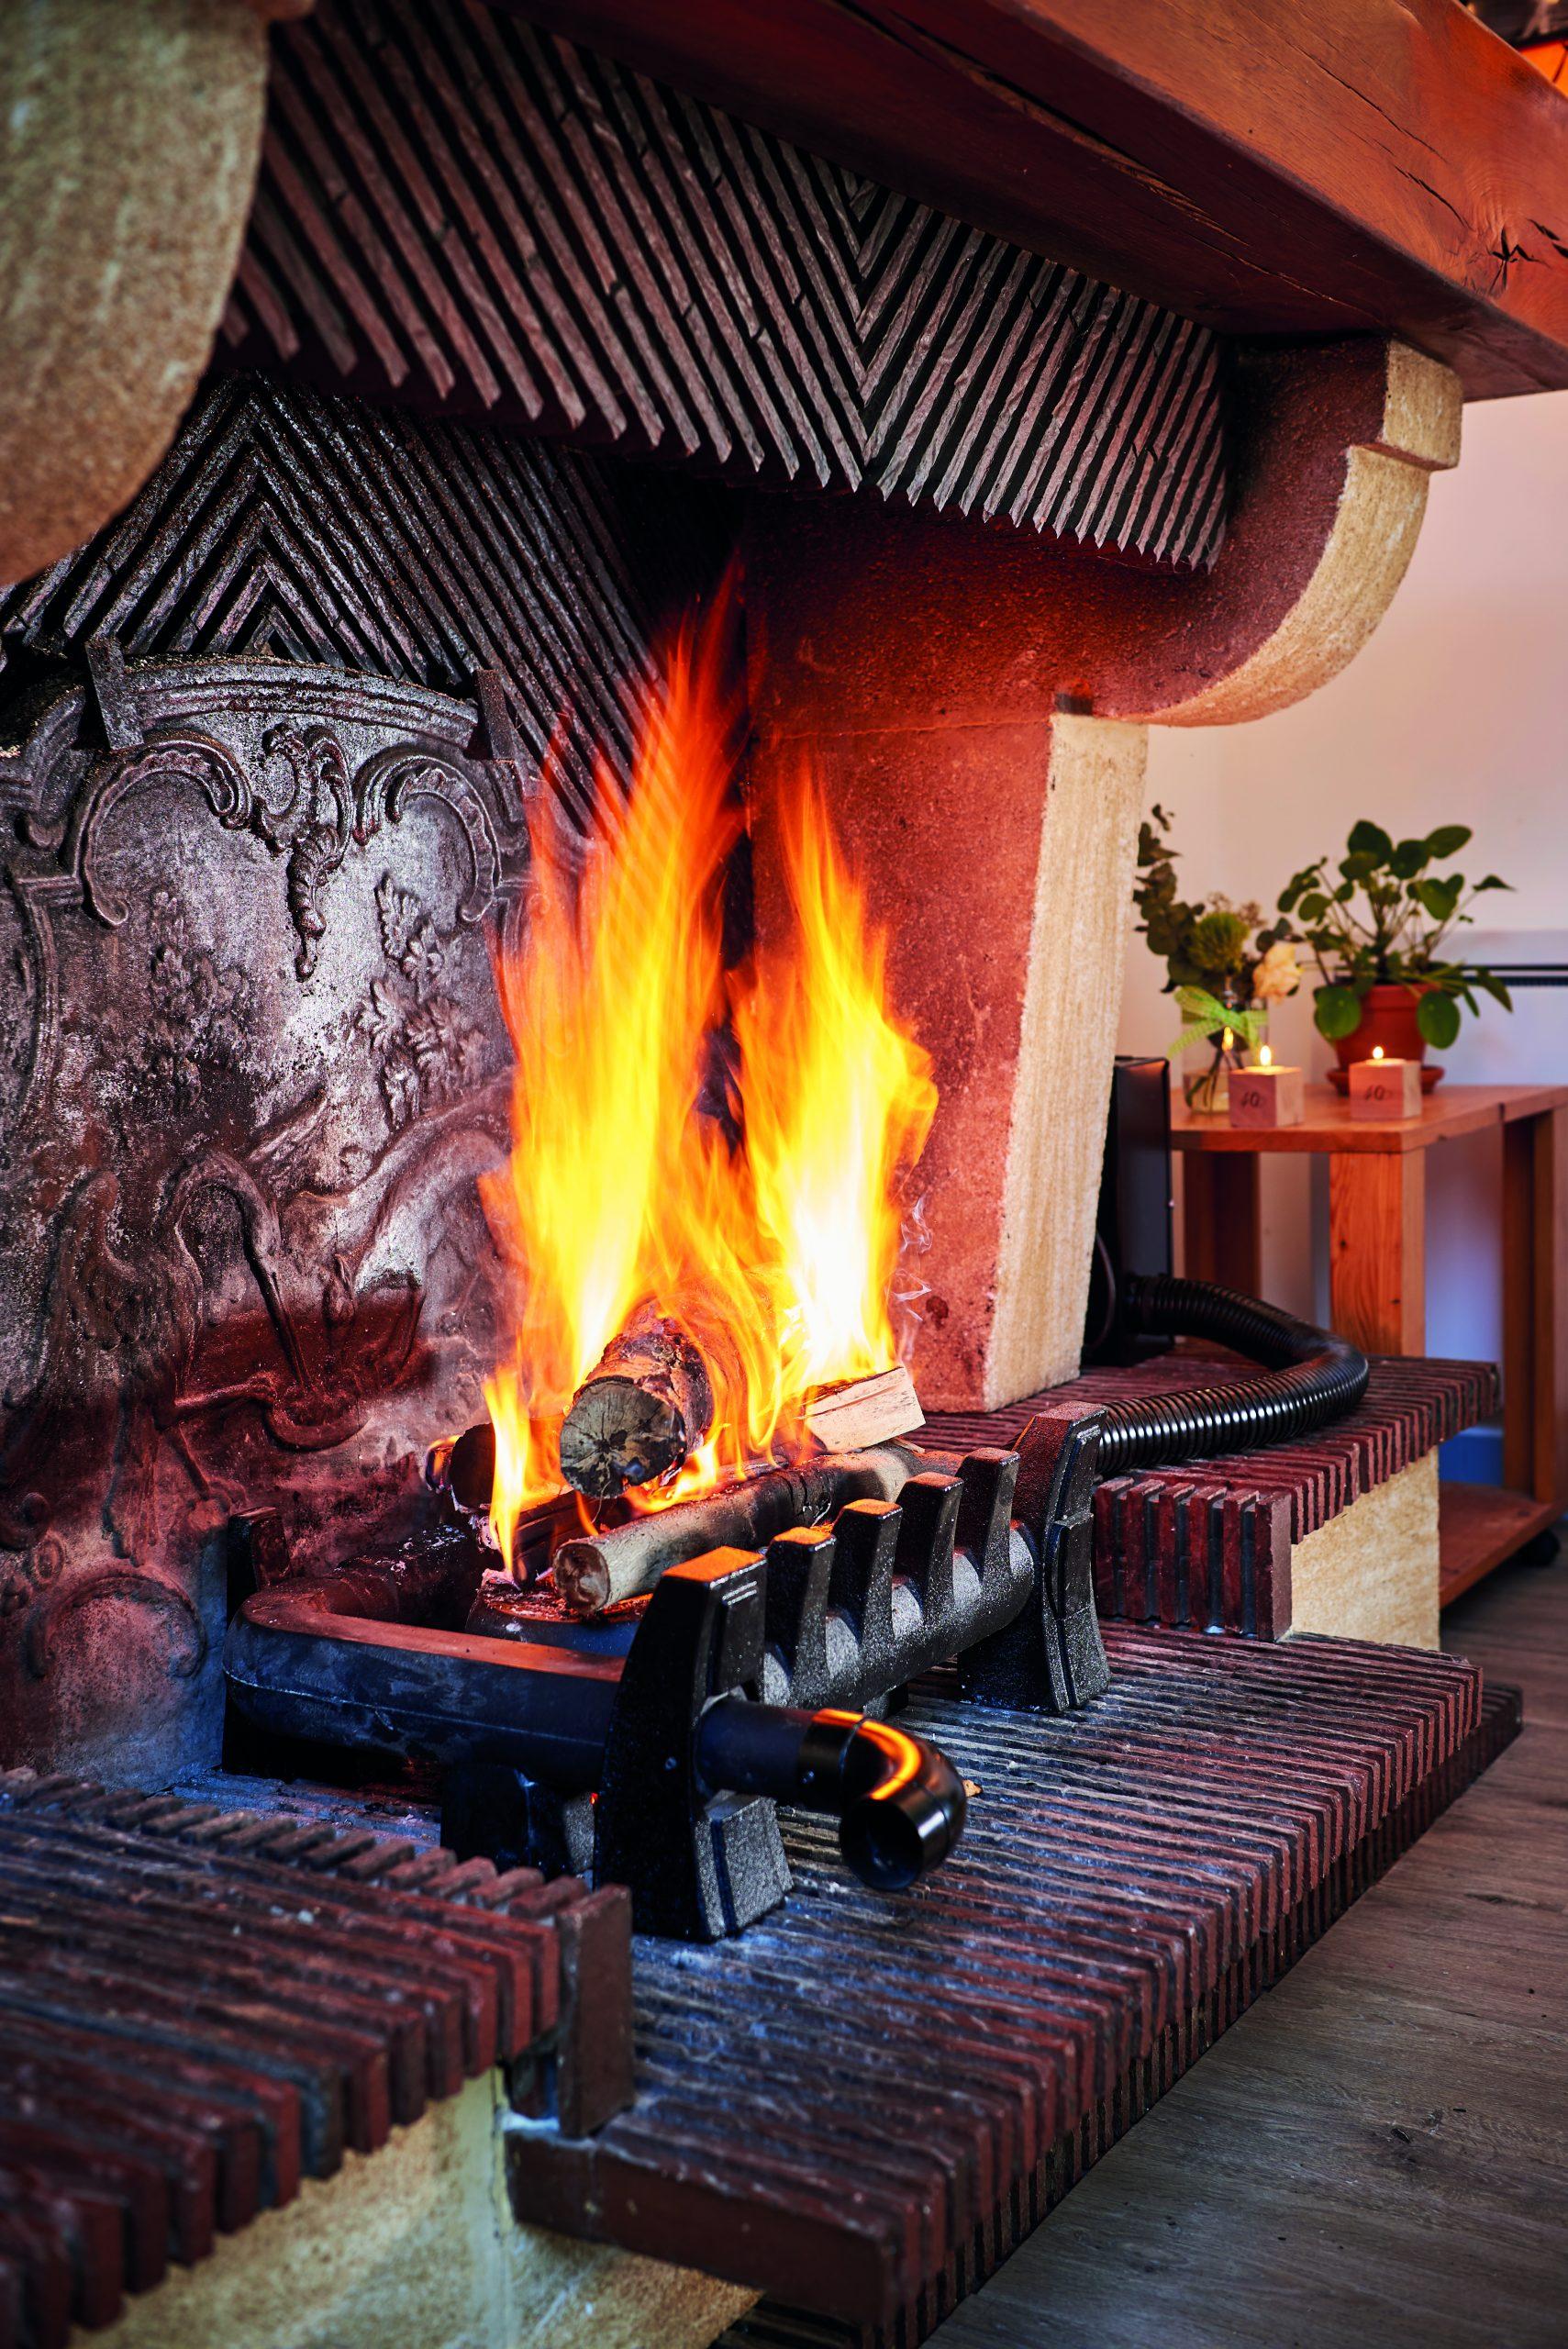 Chauffages d'appoint éco-responsables  pour cheminées et poêles à bois